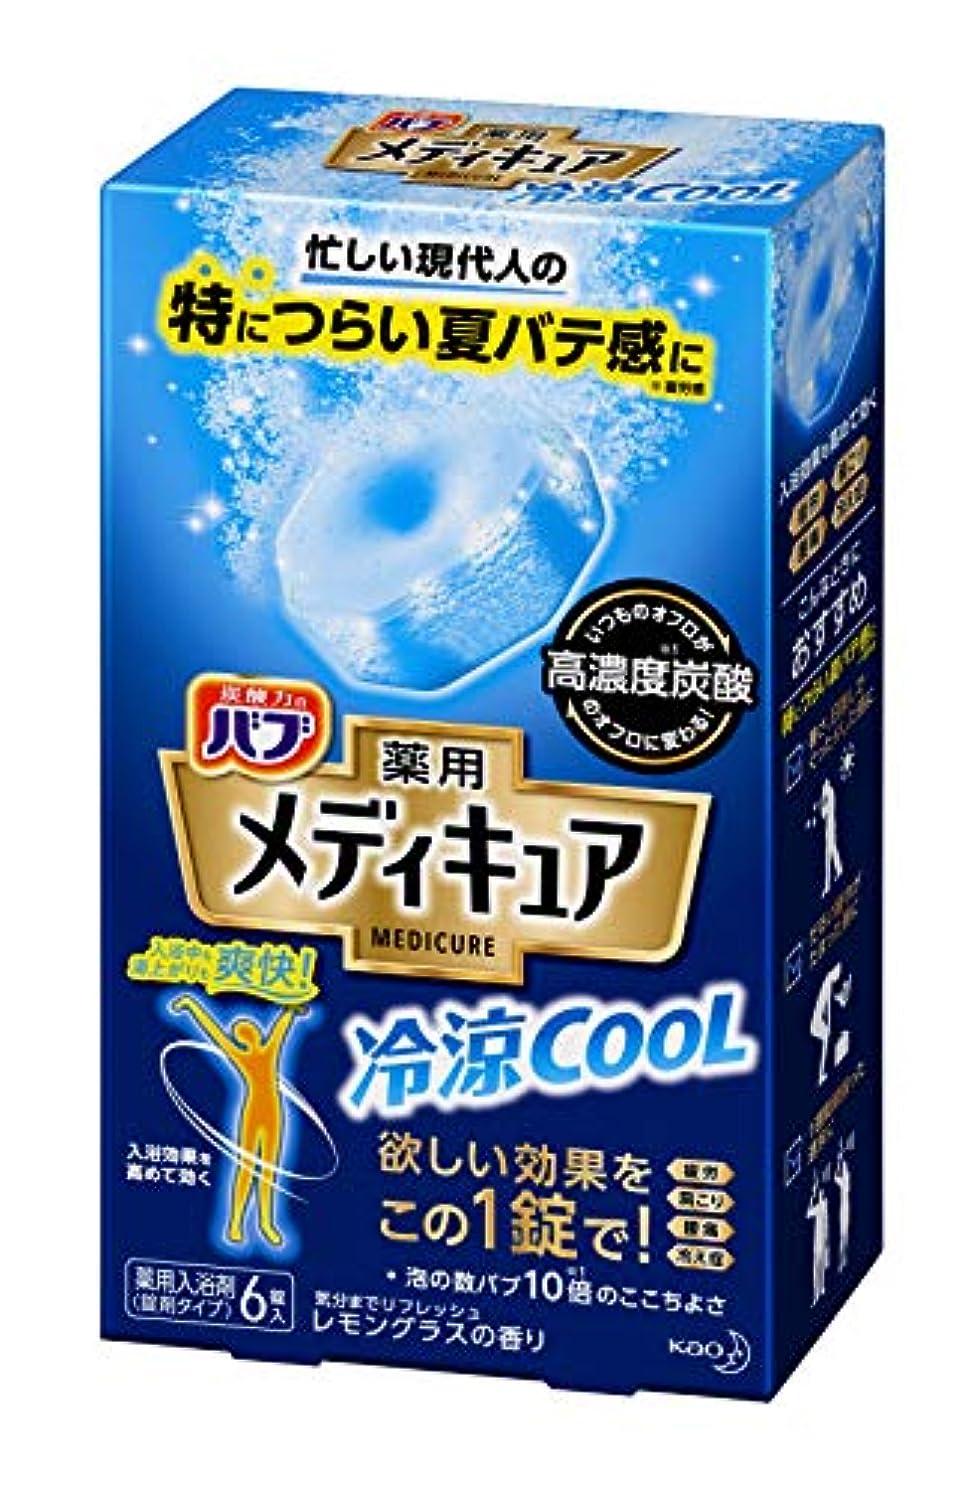 ハウス大理石爆弾バブ メディキュア 冷涼クール レモングラスの香り 6錠入 高濃度 炭酸 温泉成分 (泡の数バブの10倍)